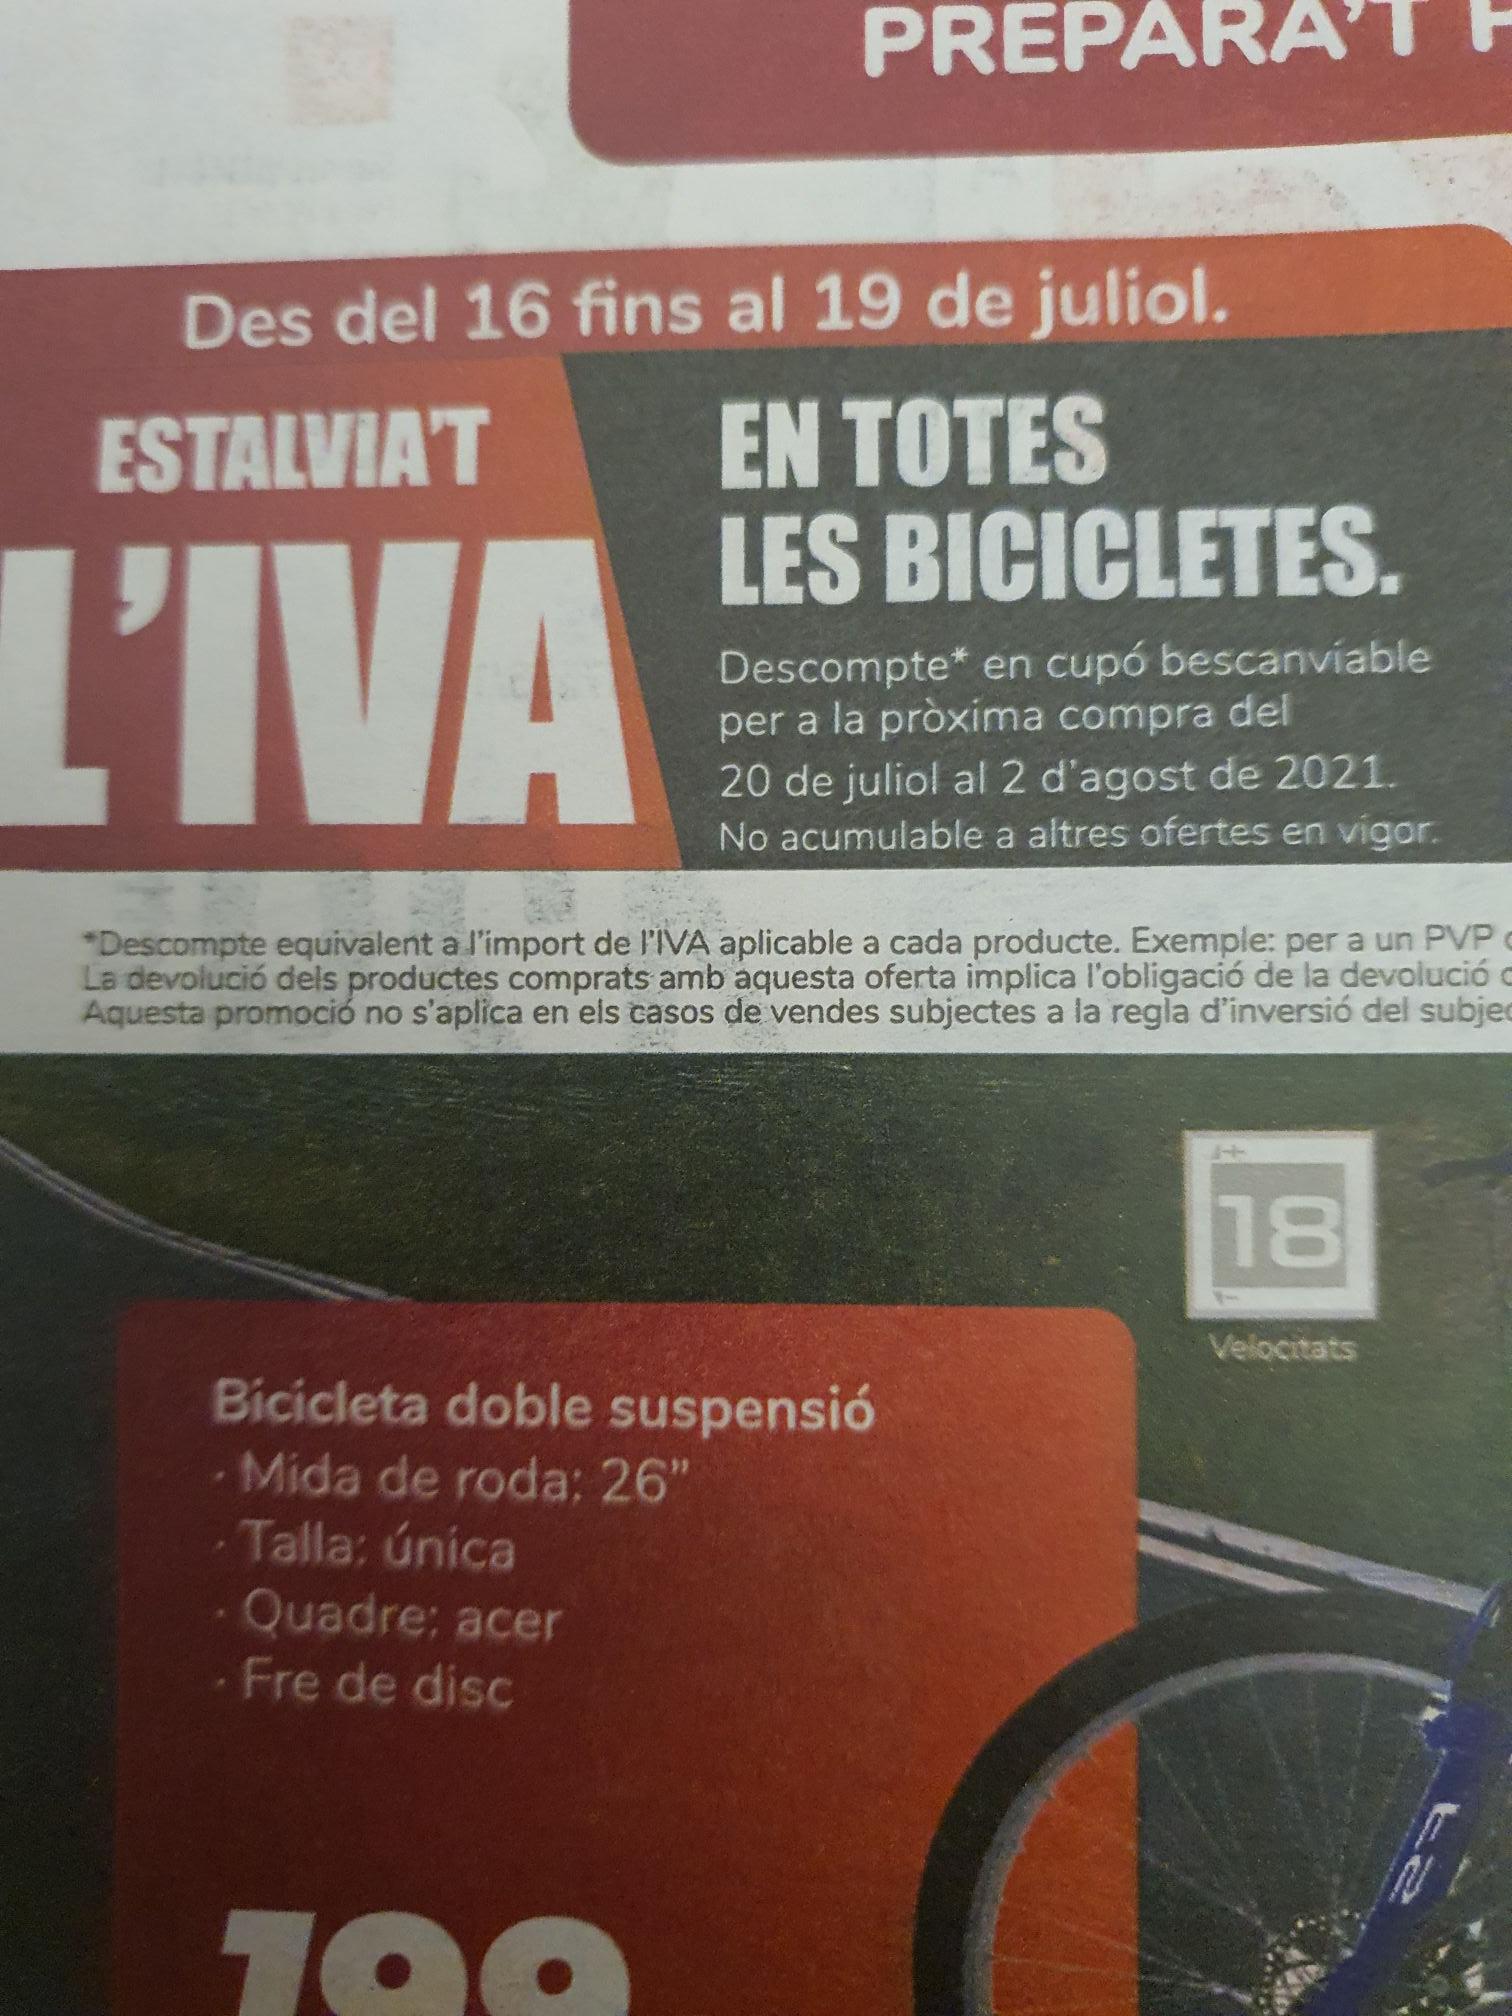 A partir de mañana en Carrefour descuentate el iva en todas las bicicletas con un cupon de descuento para gastar despues